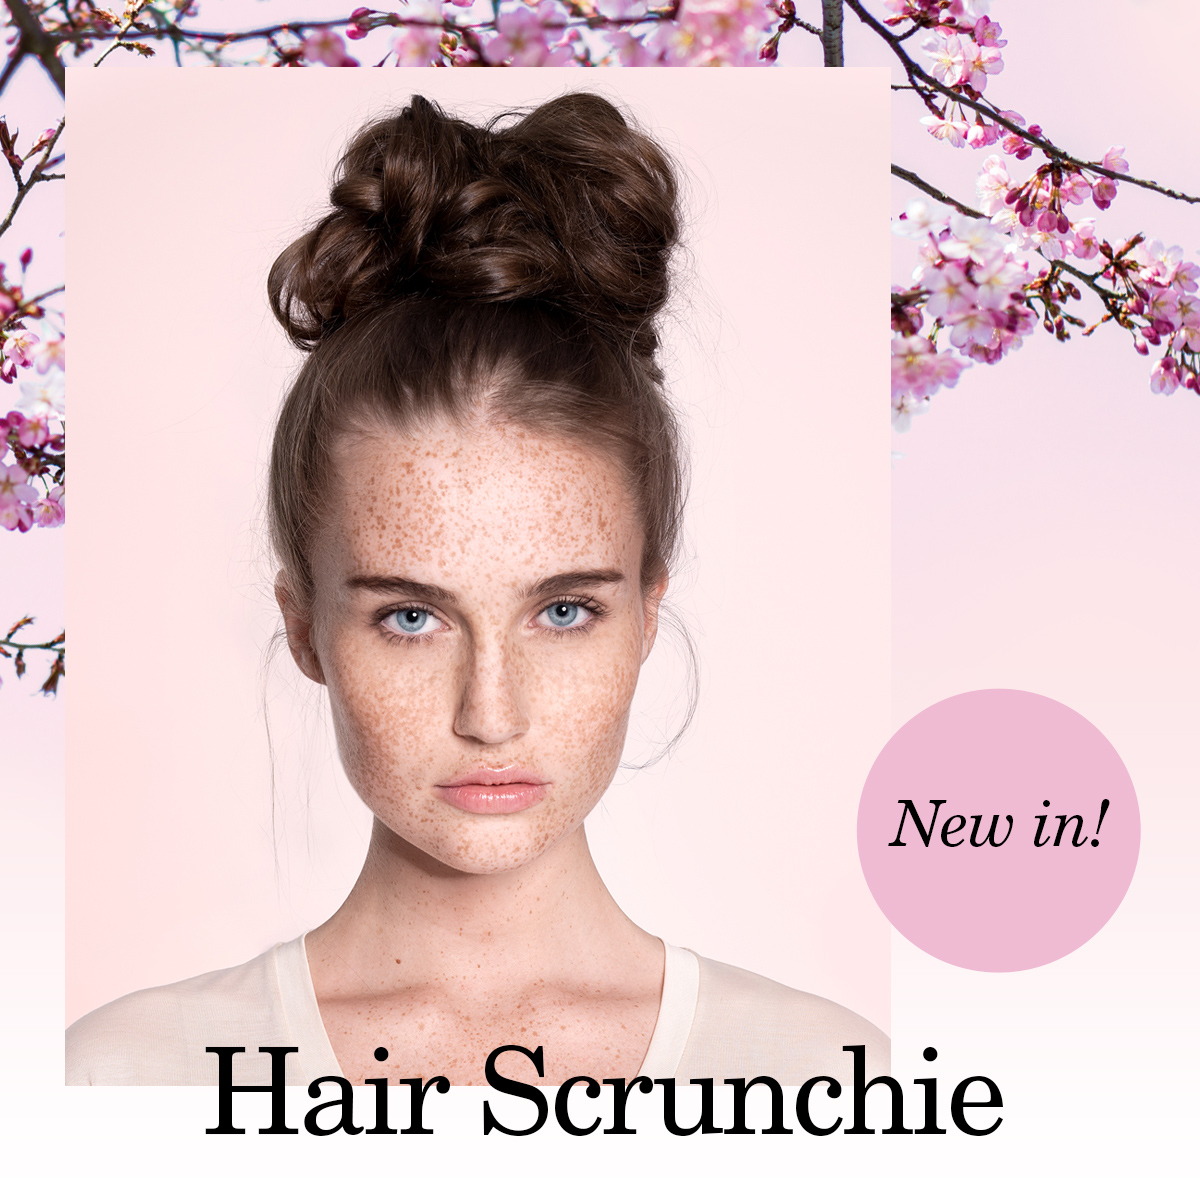 New in! Hair Scrunchie